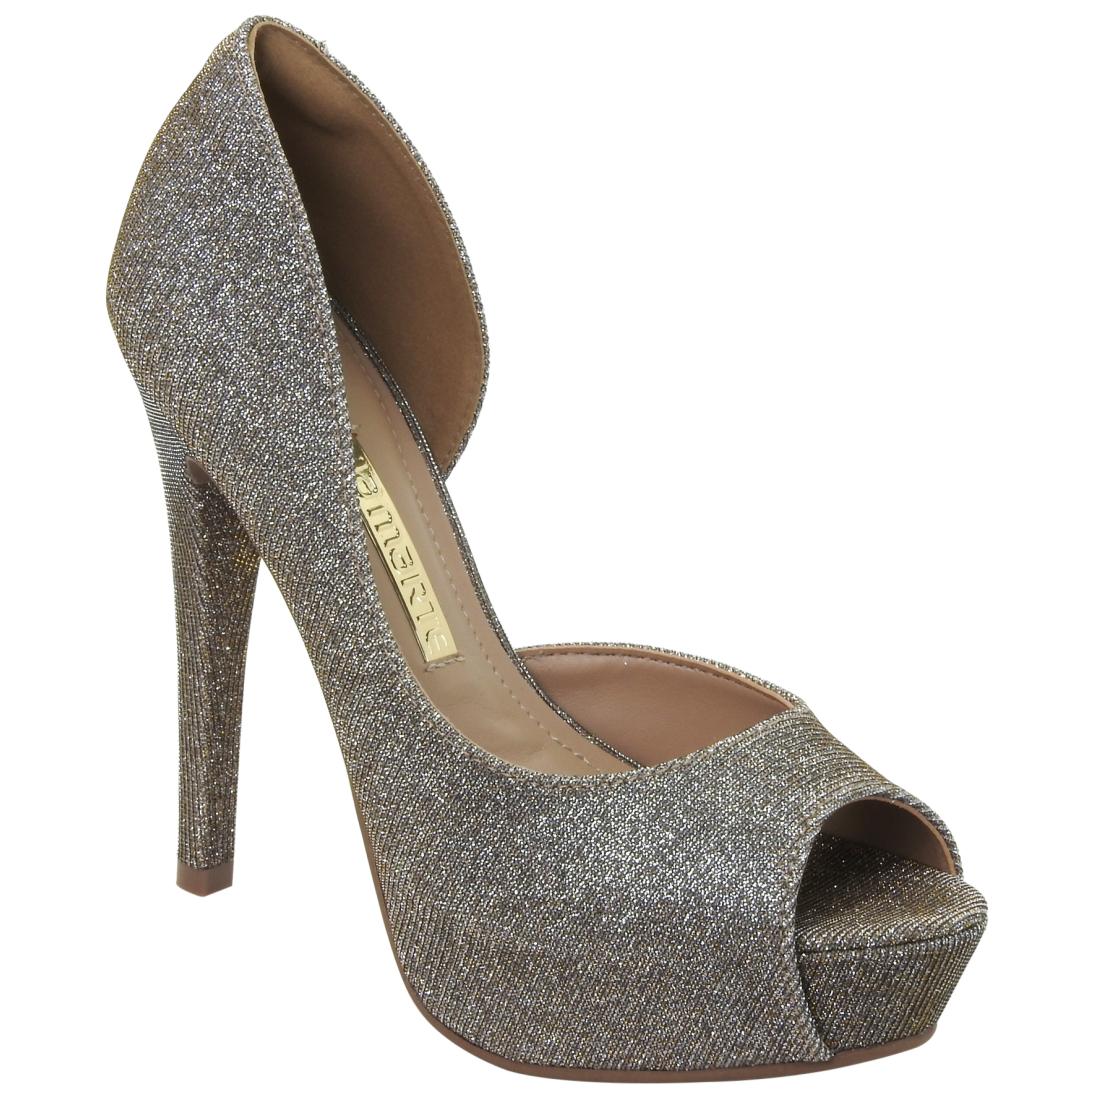 16-14402-OURO Moda de rua: Tenis e sapatos Metalizados